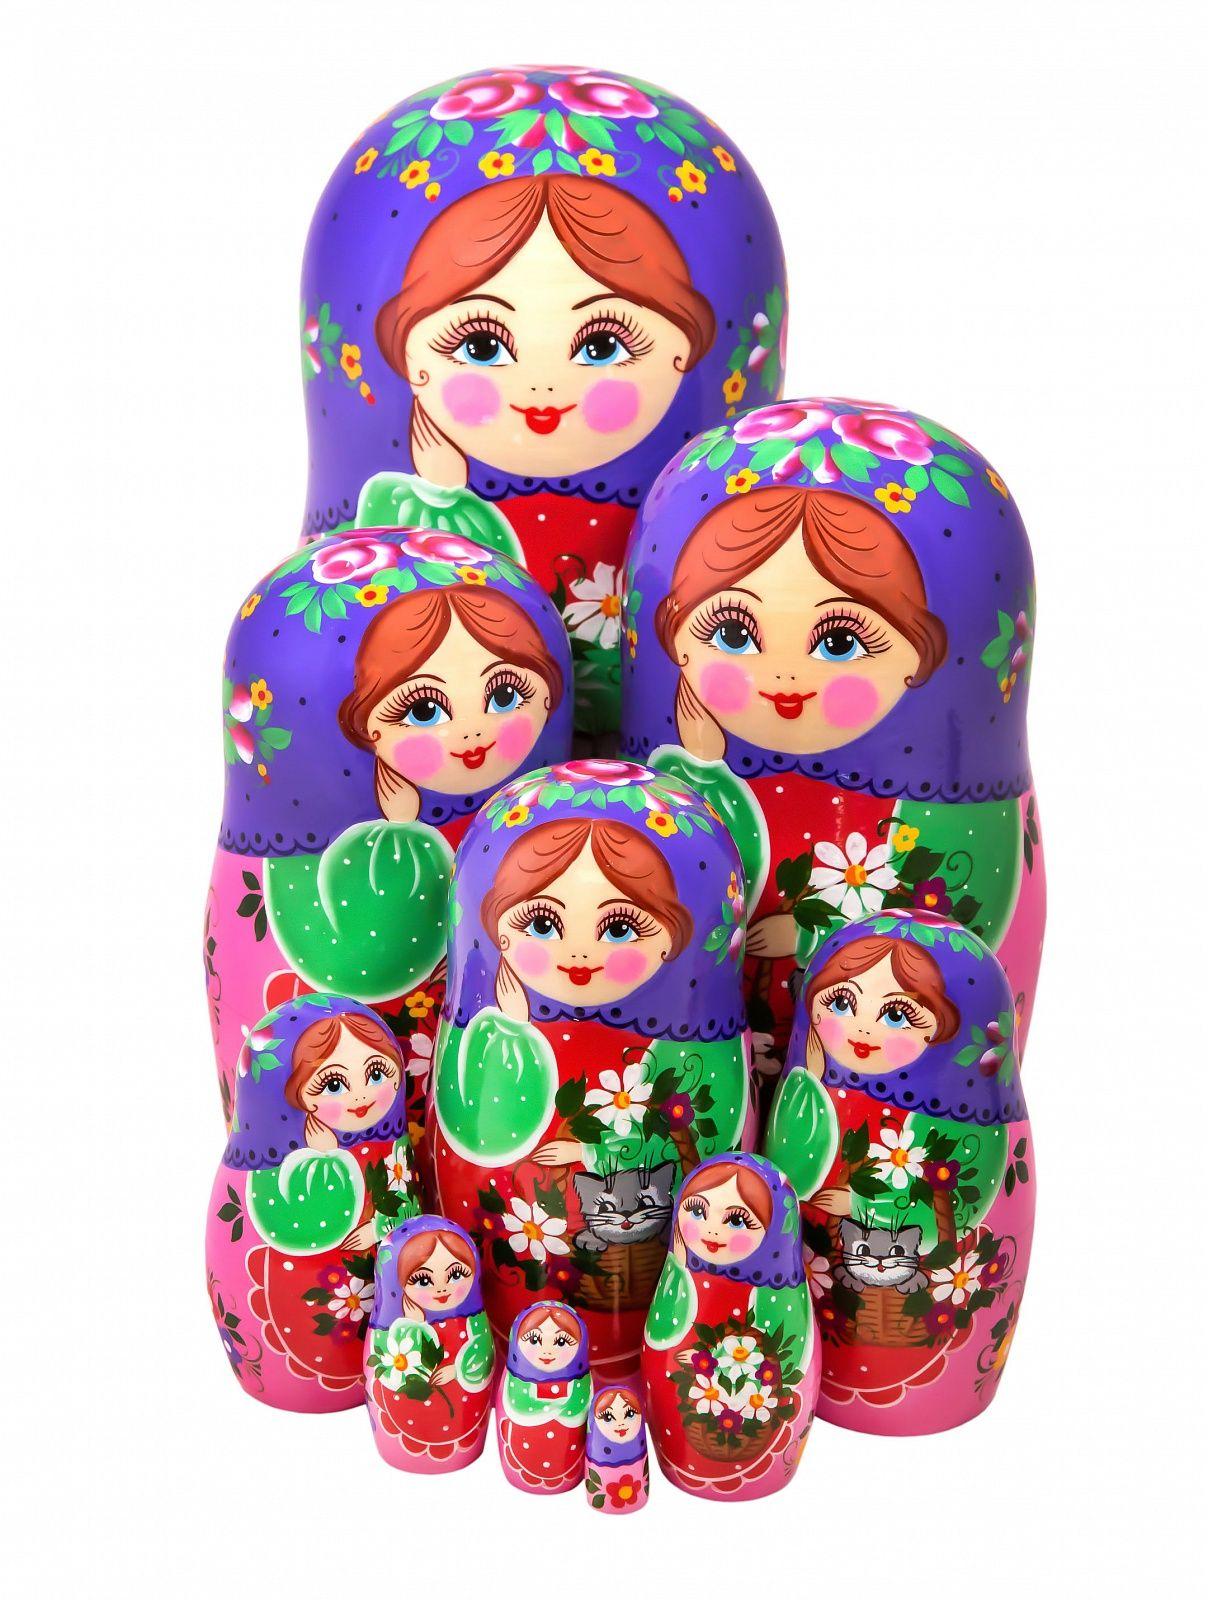 Khokhloma painting / Author's Matryoshka 10 dolls